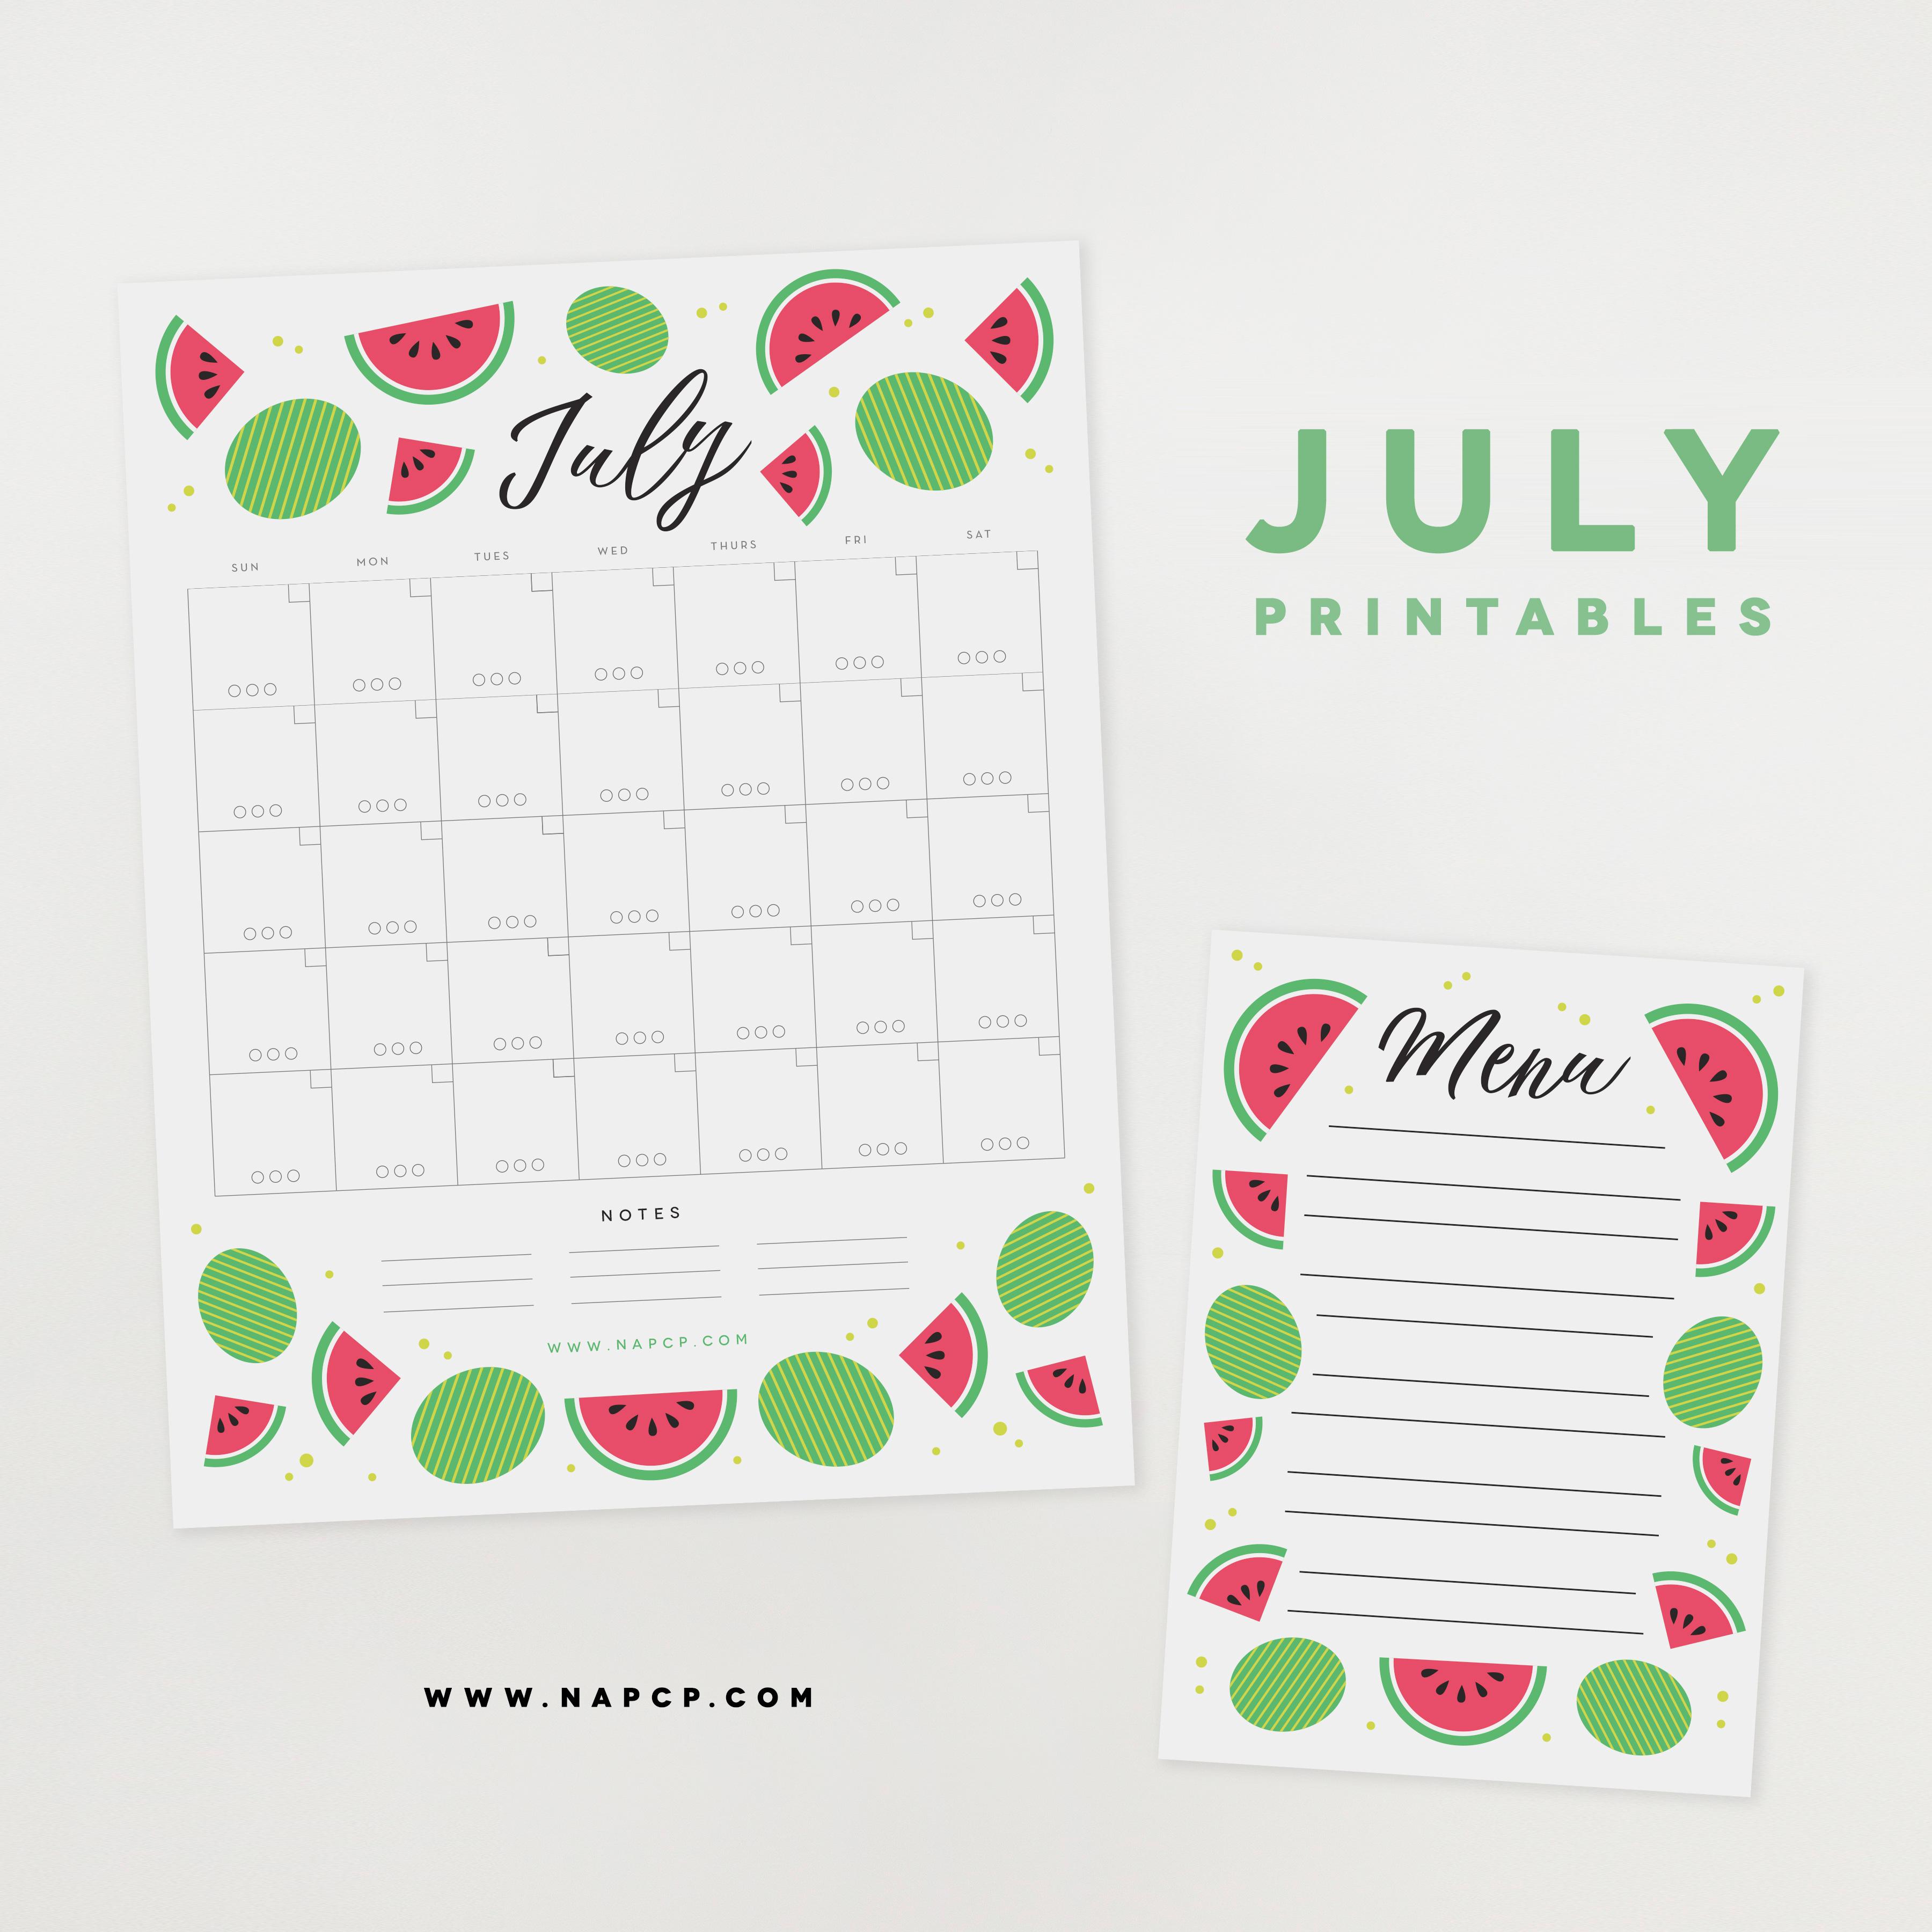 july-printables.jpg